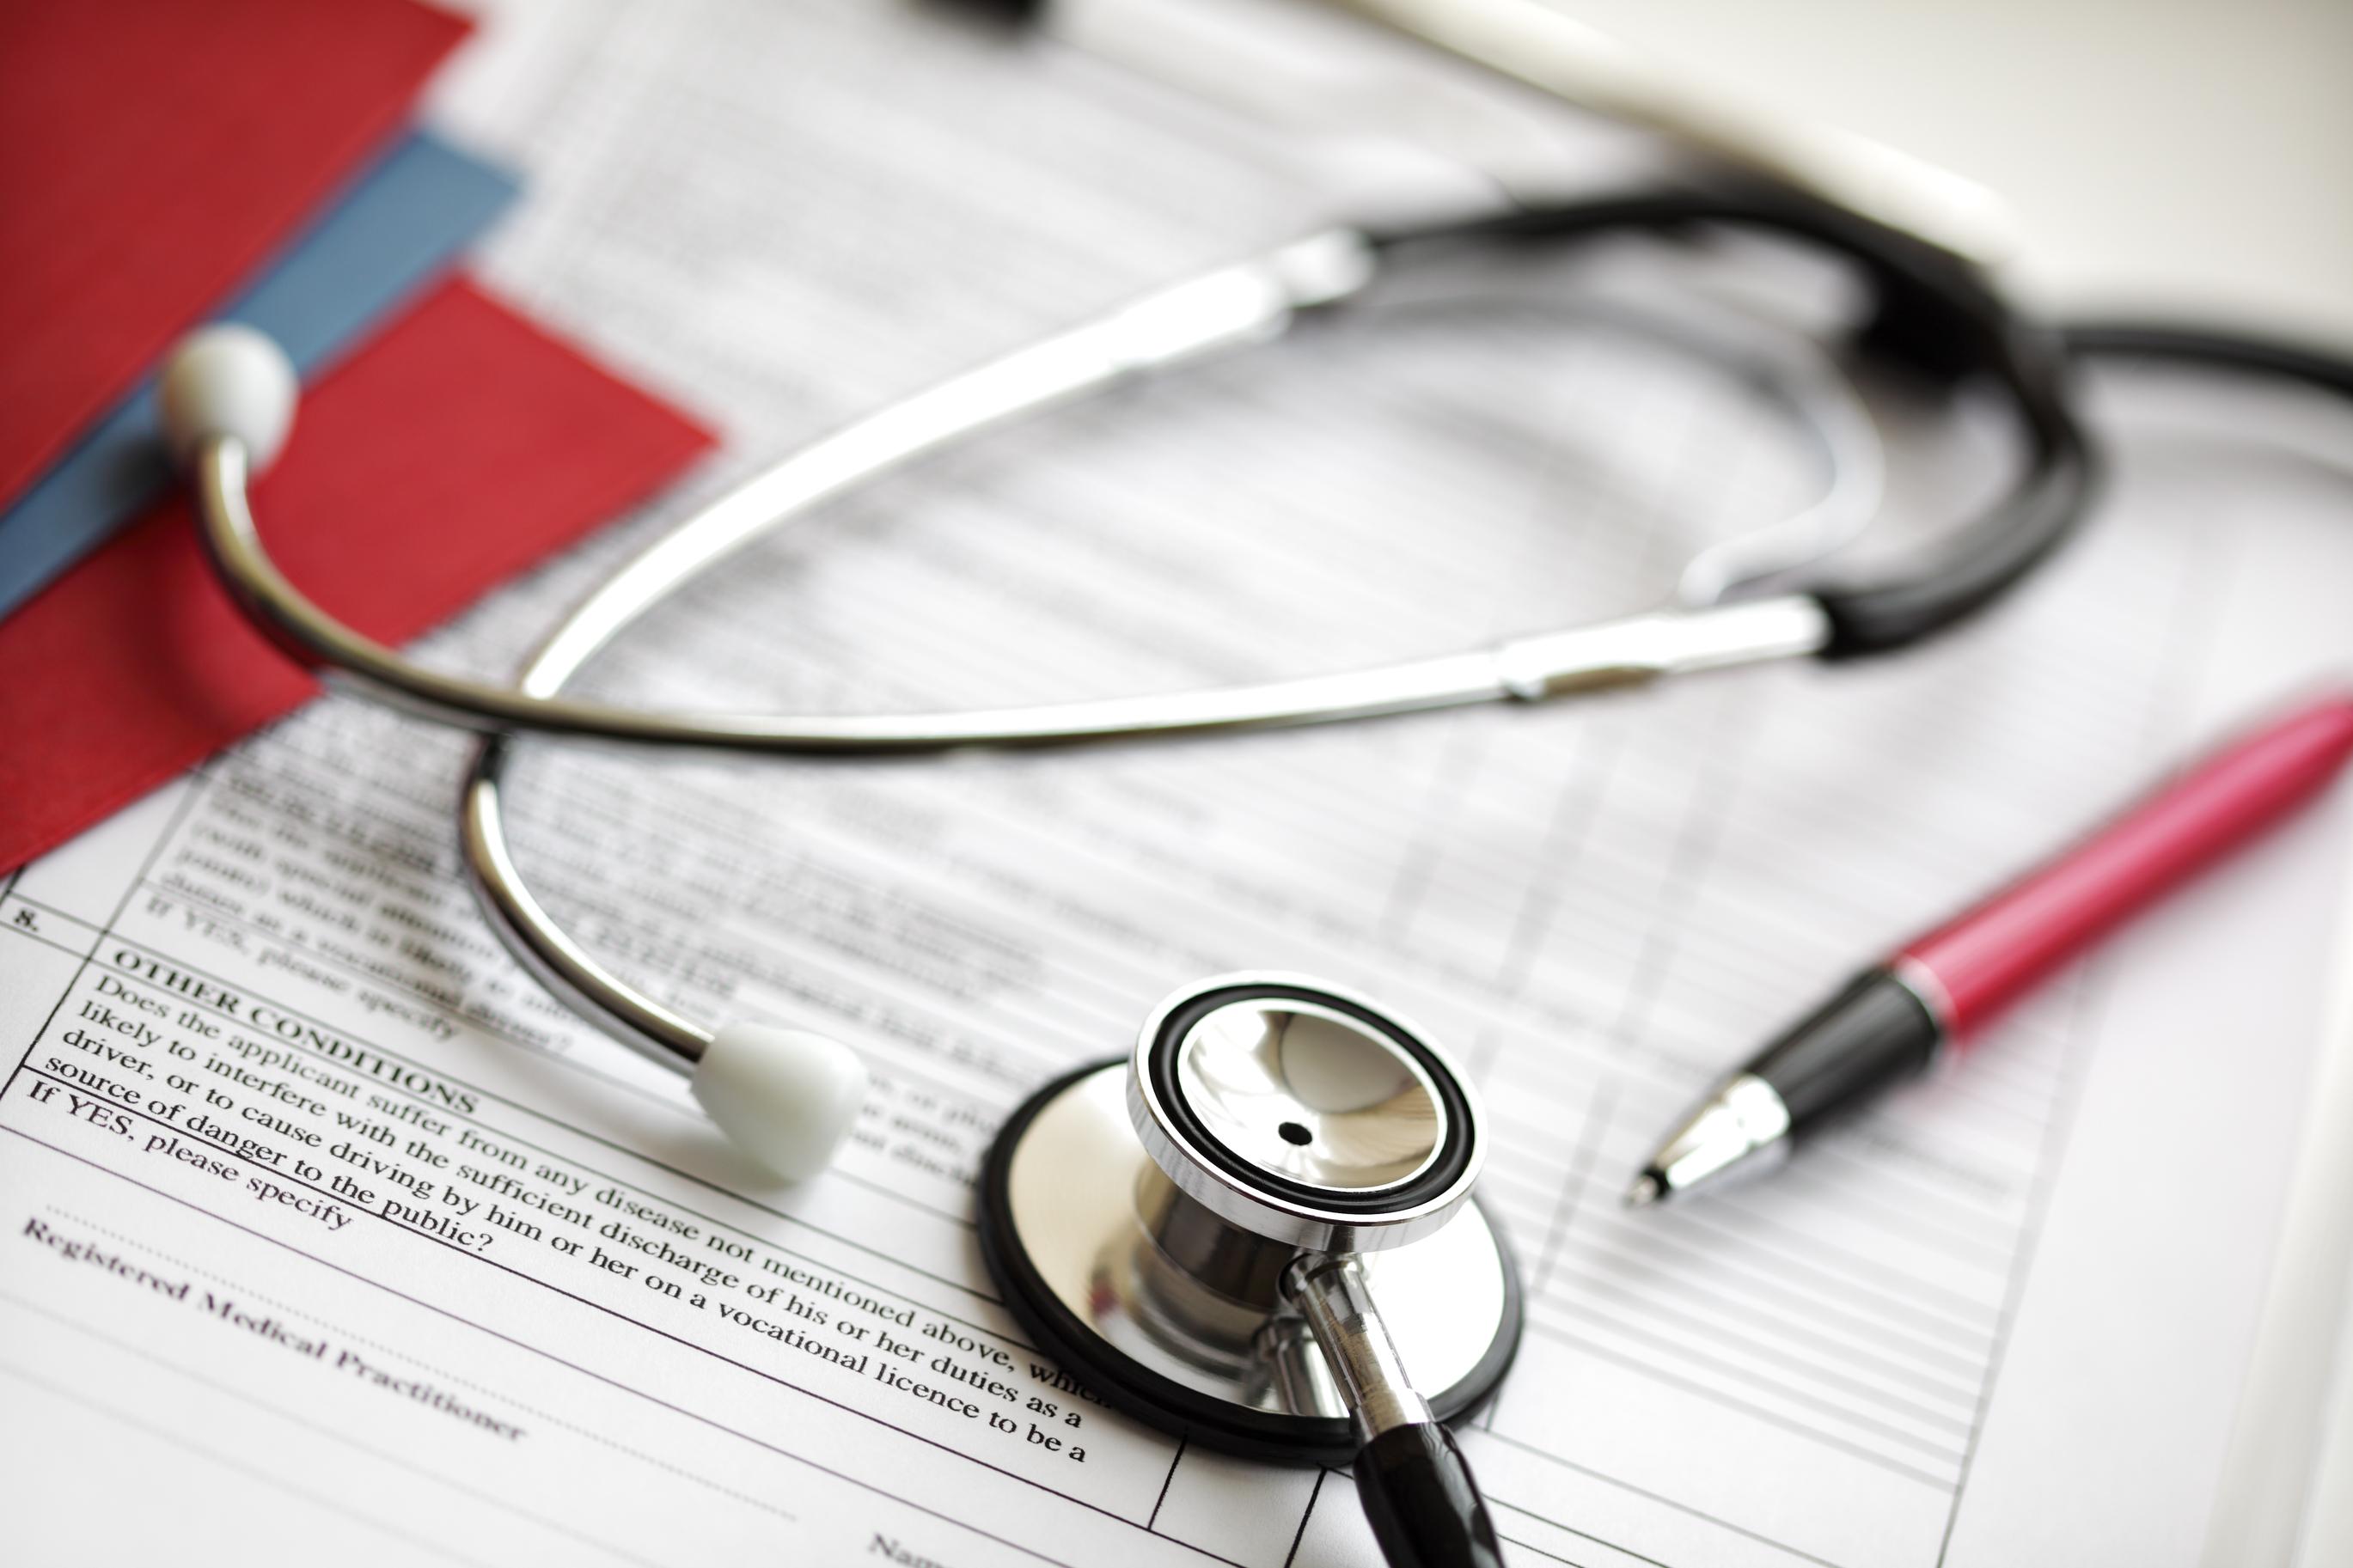 央地权责细分改革袭来 万亿级医疗支出责任明确